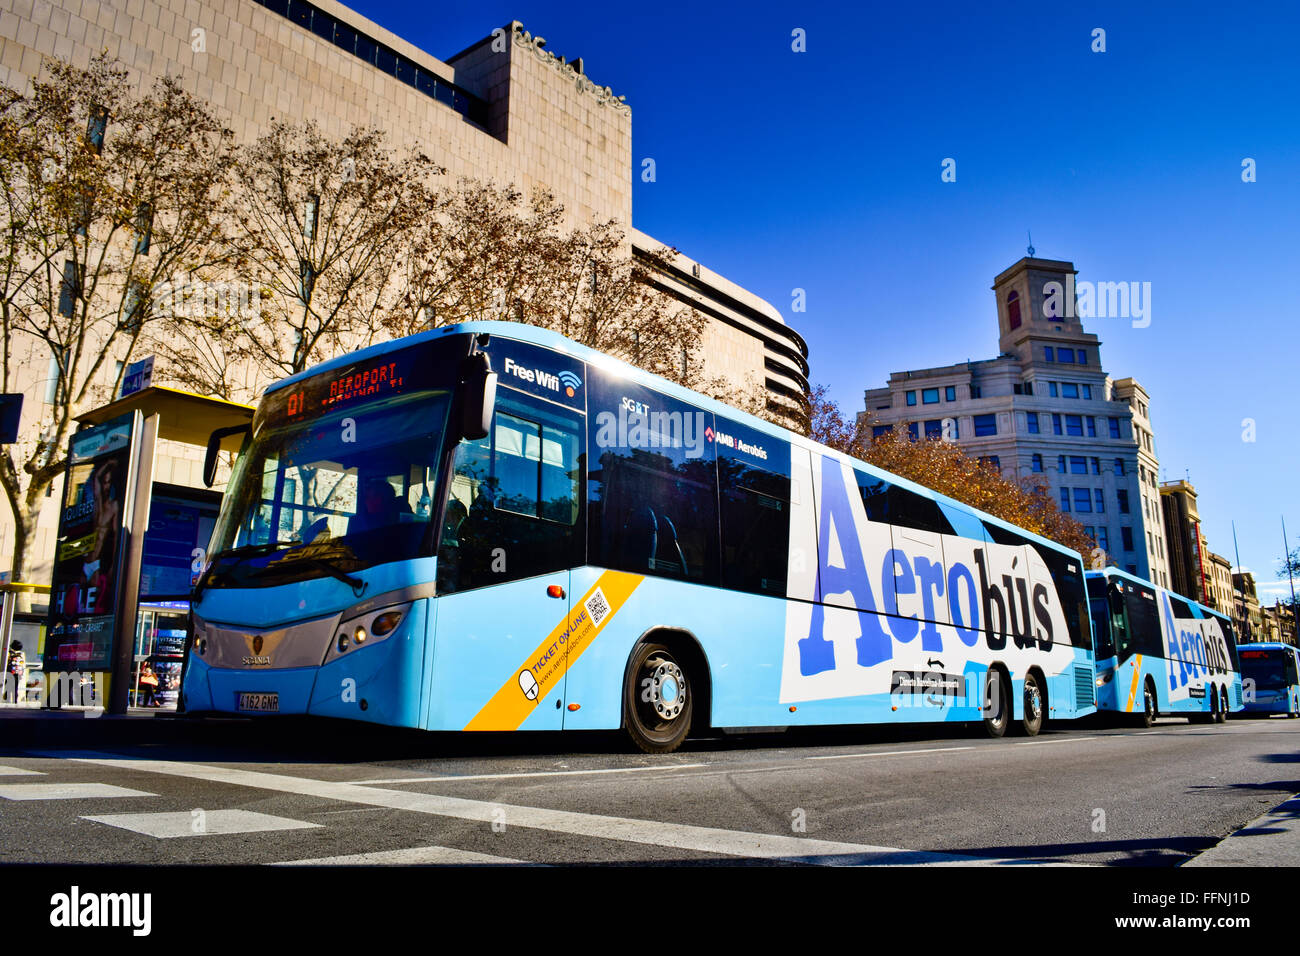 Aerobus. Barcelona, Catalonia, Spain. Stock Photo